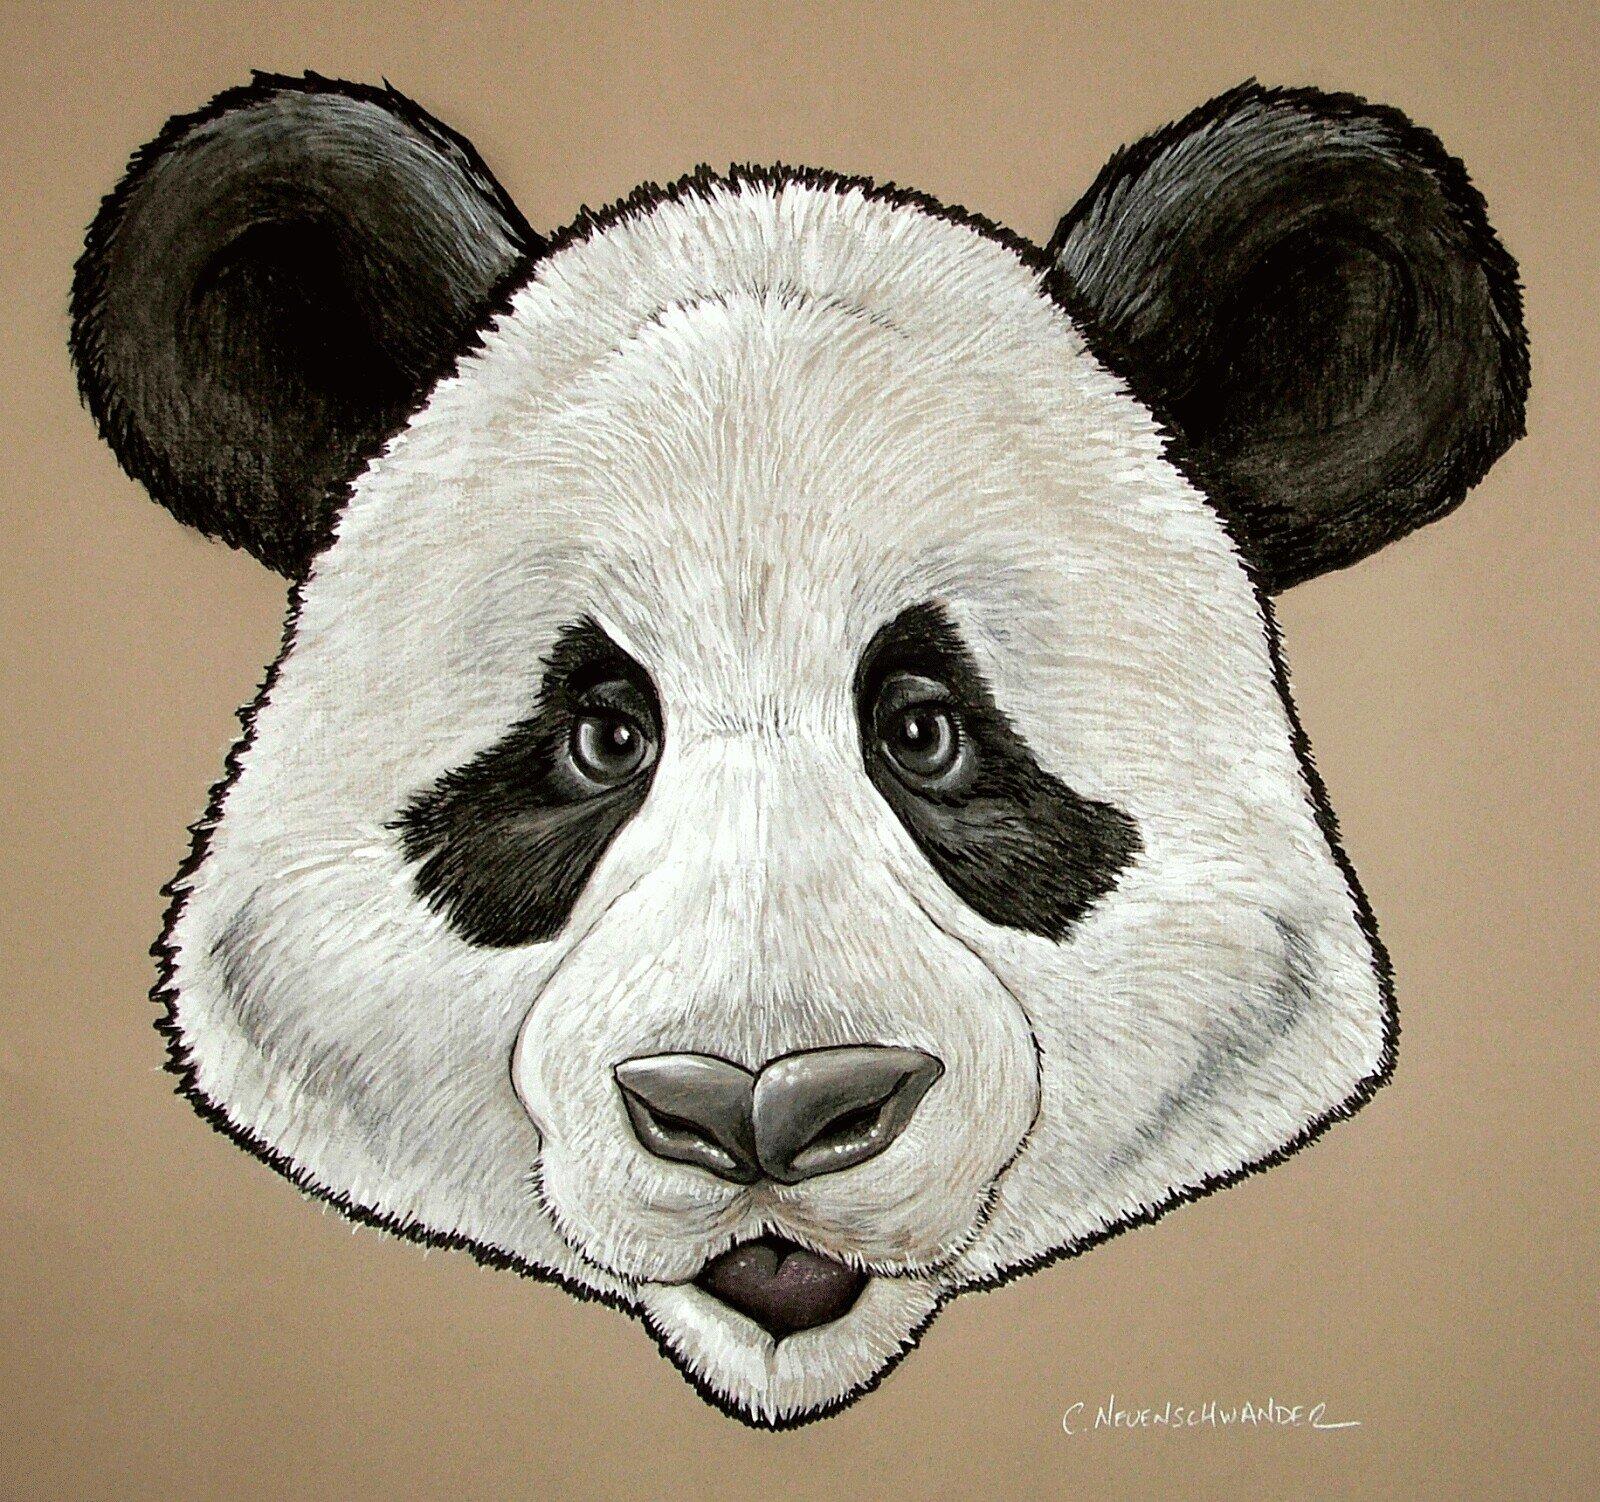 панда морда картинка могут сопровождаться трогательными